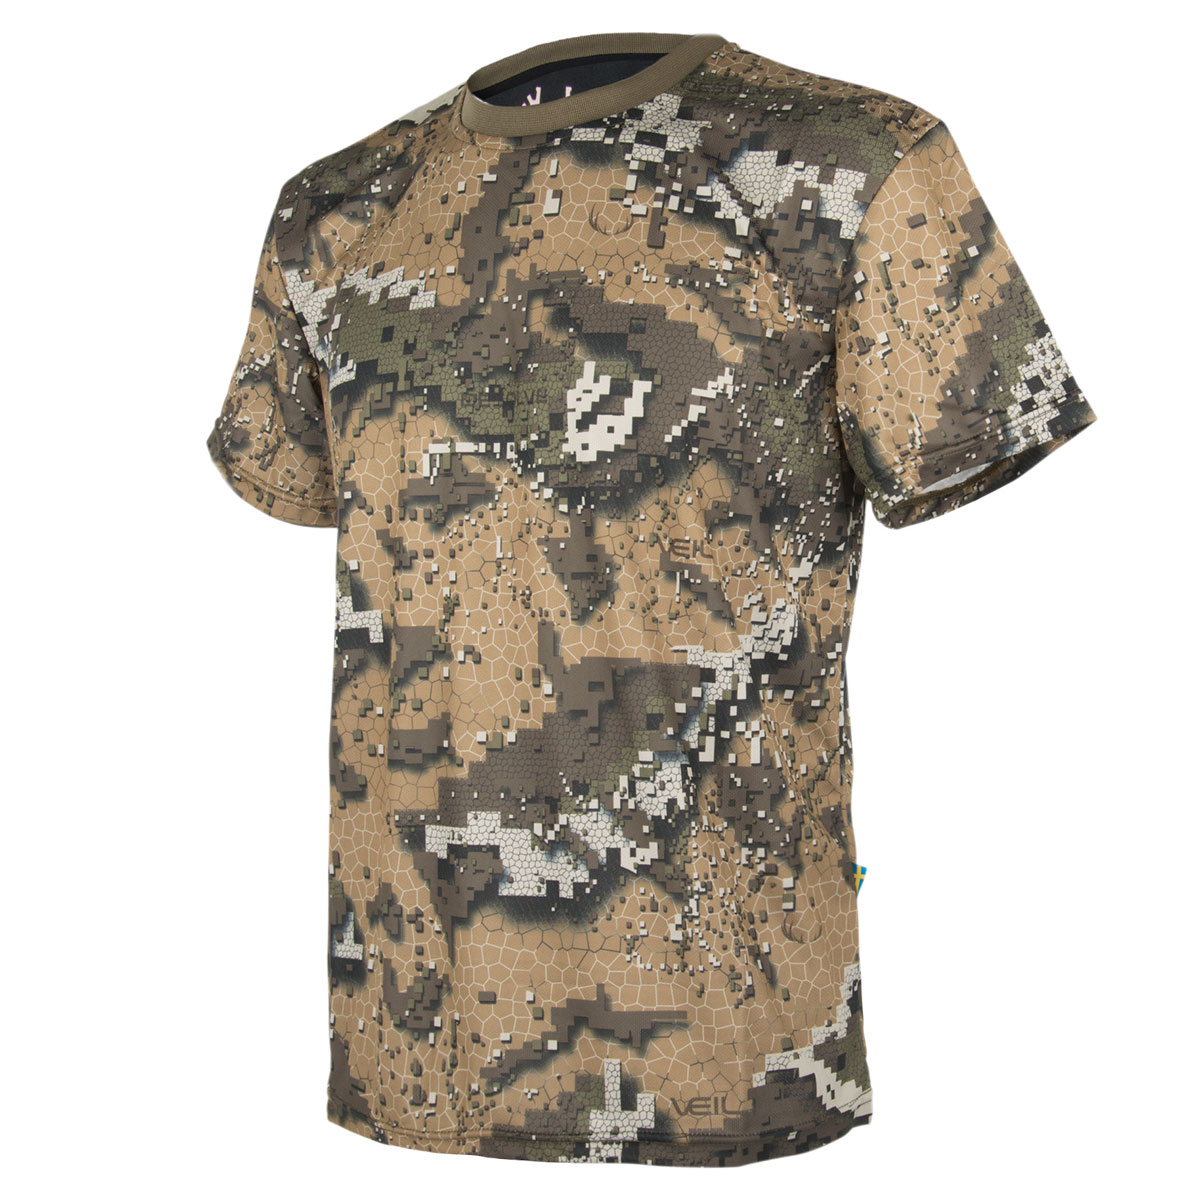 SWEDTEAM T-Shirt Desolve Veil im Pareyshop 417f9a39e9